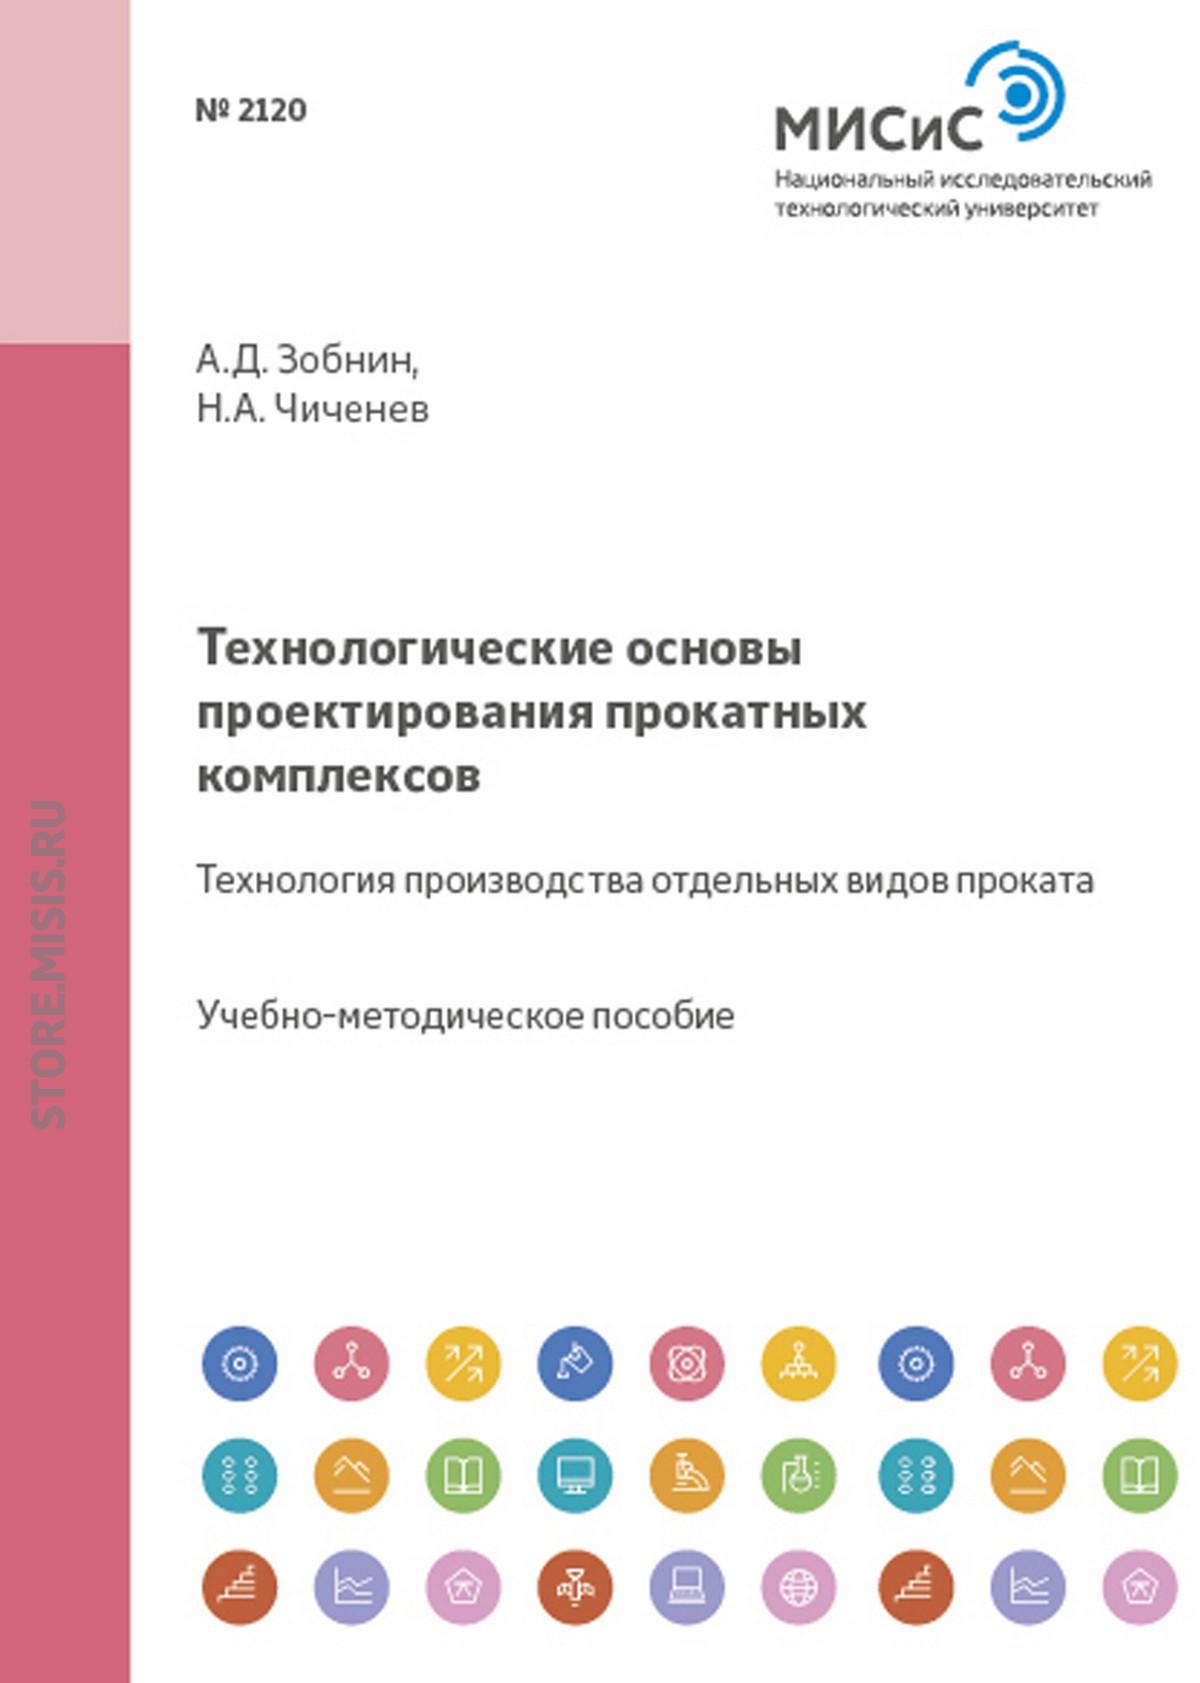 Н. А. Чиченев Технологические основы проектирования прокатных комплексов. Технология производства отдельных видов проката